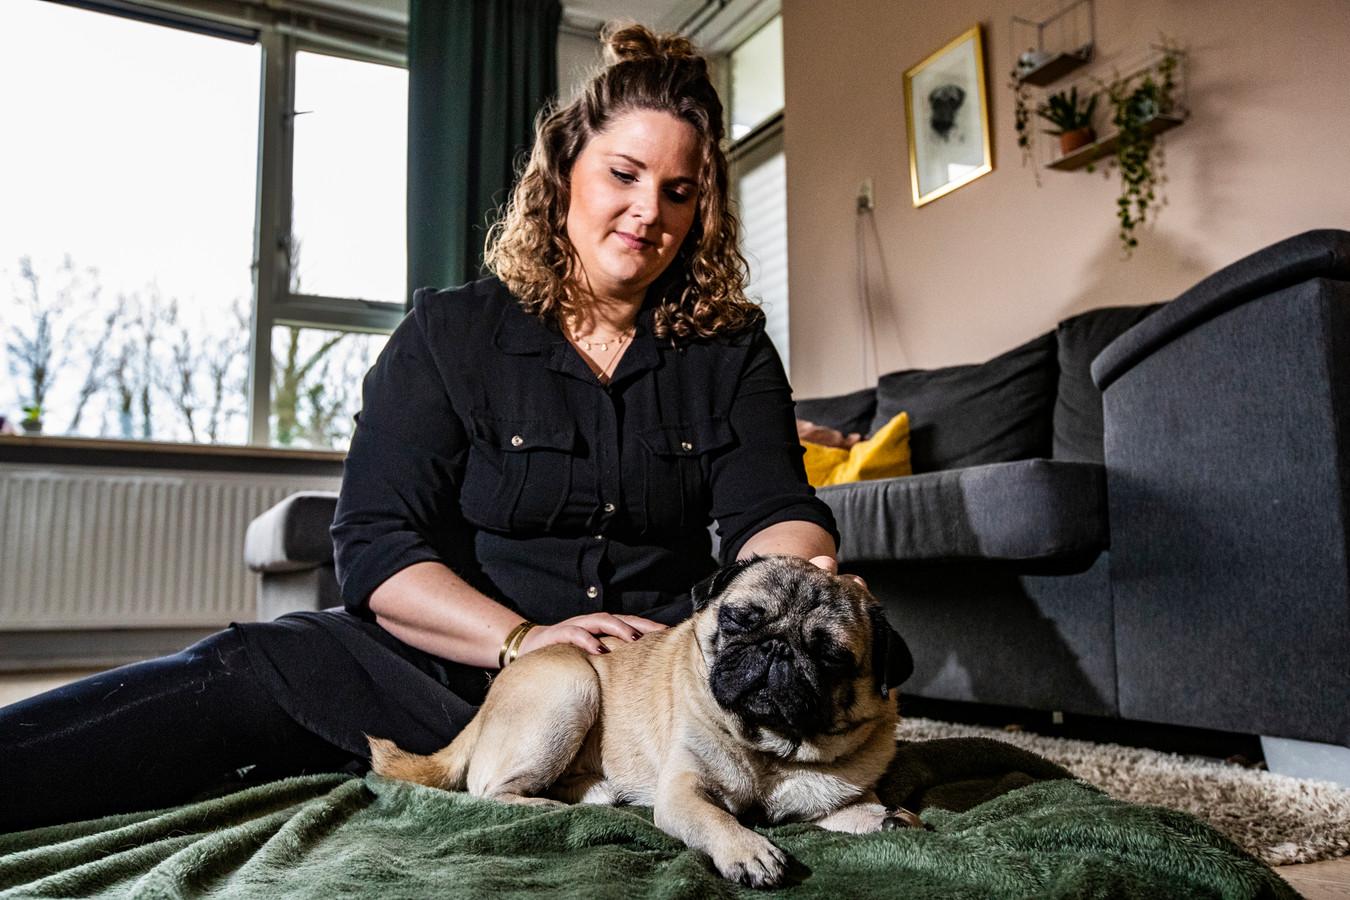 Hedy Riesewijk ontspant honden met haar massages. ,,Om eerlijk te zijn vond ik honden masseren zelf ook een beetje vreemd klinken, voordat ik hieraan begon.''